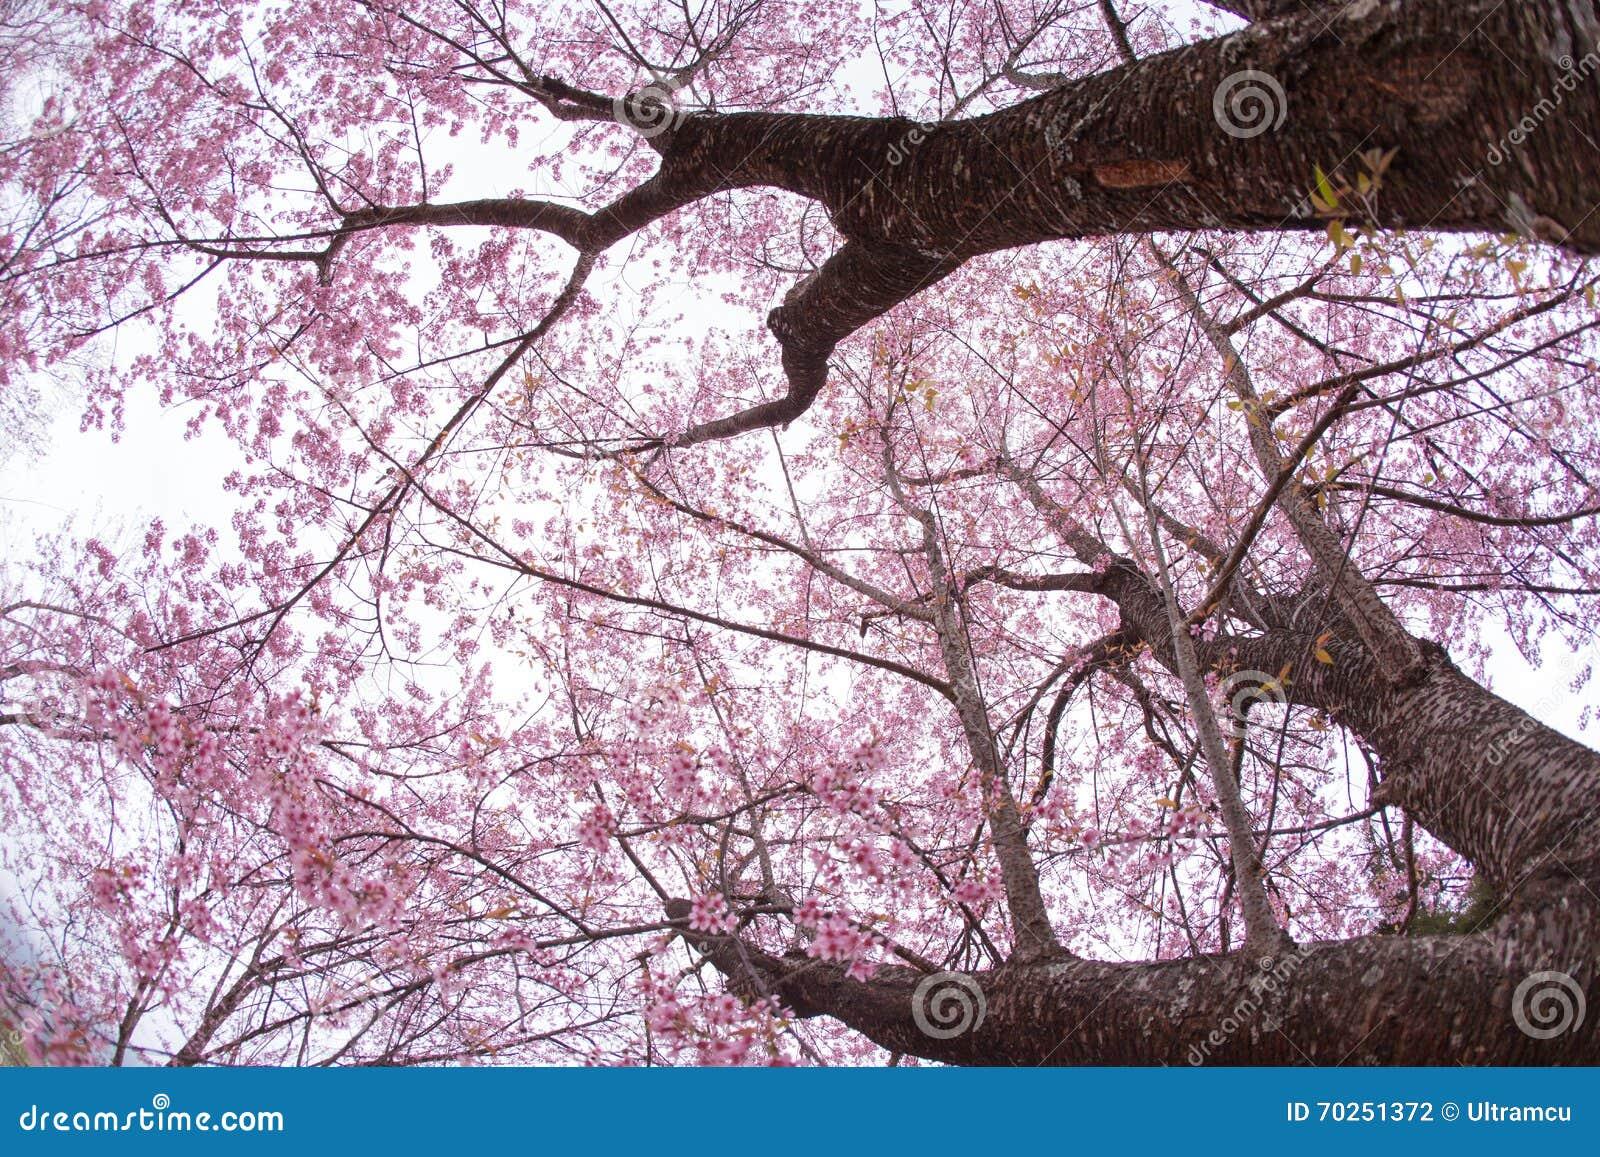 Le bel arbre rose de sakura photo stock image du japonais north 70251372 - Arbre japonais rose ...